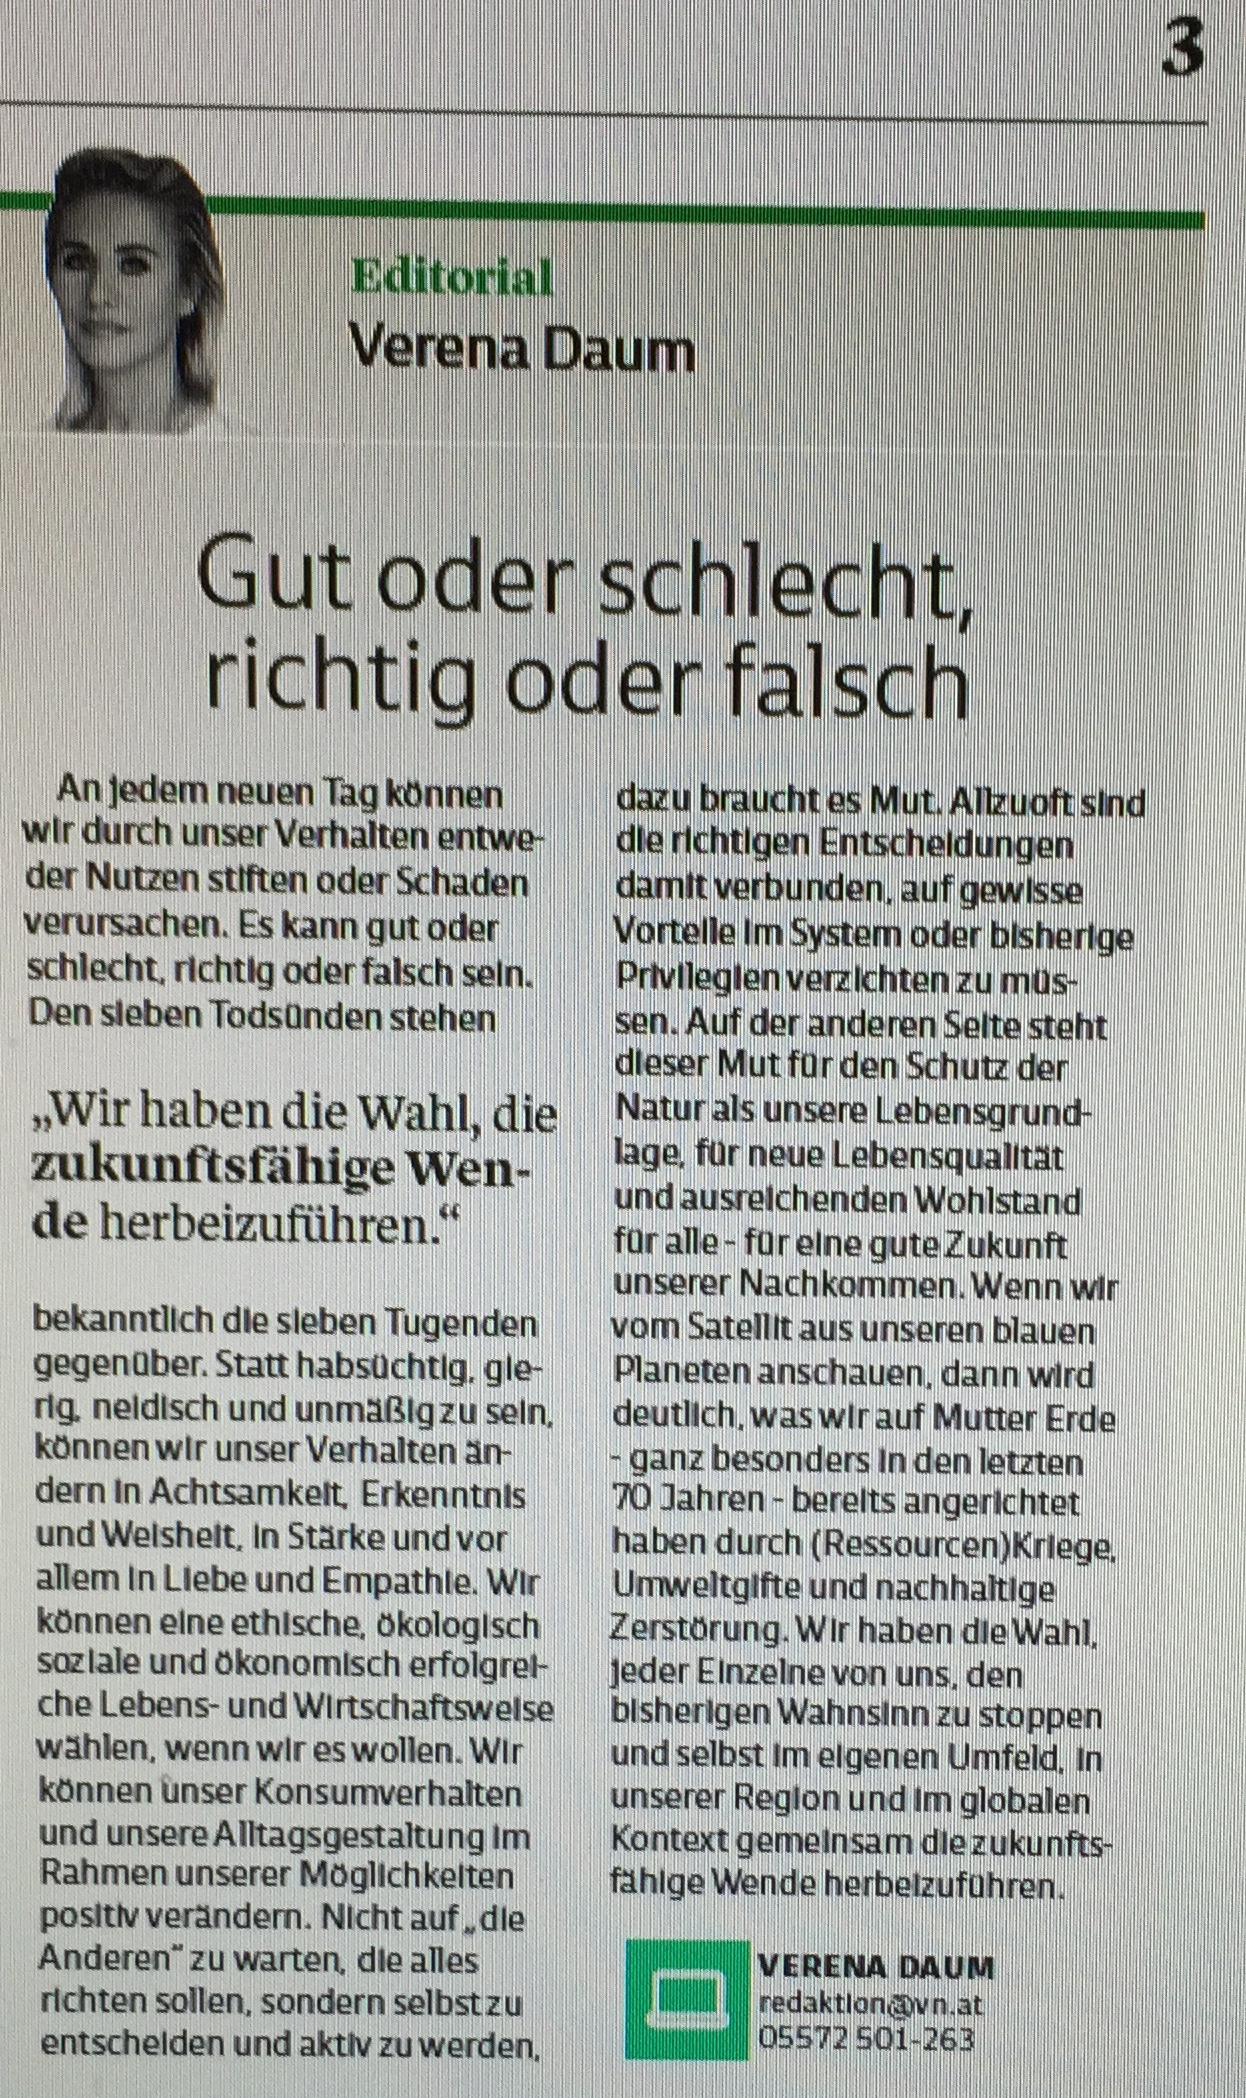 """Editorial Verena Daum """"Gut oder schlecht, richtig oder falsch"""" in der Extra-Ausgabe der Vorarlberger Nachrichten vom 3. Juli 2018, www.progression.at, Garden Eden Organisation"""